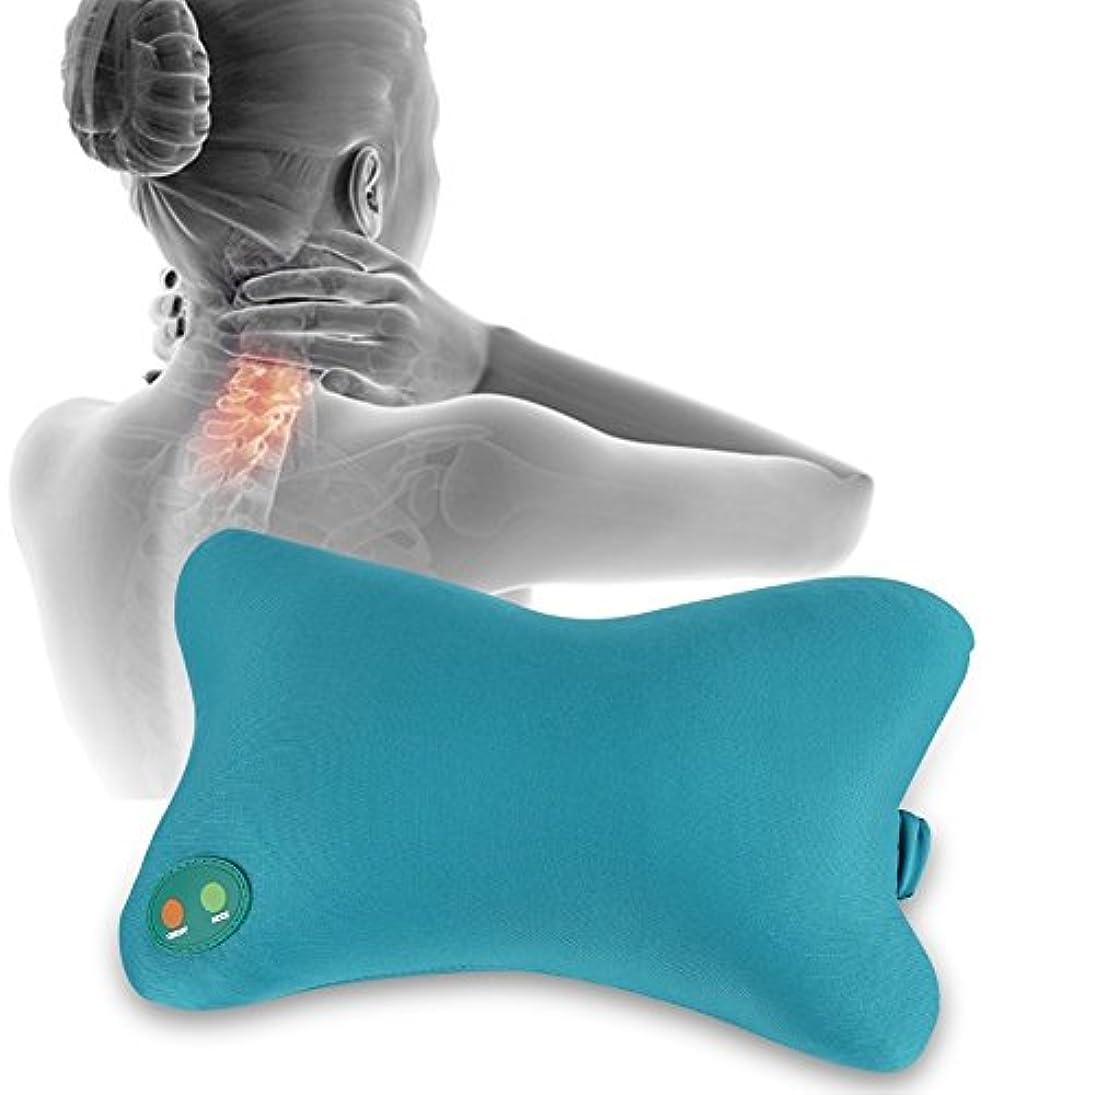 基礎ダンス好む首の混練の柔らかい枕電気マッサージャー、携帯用通気性の柔らかい泡の枕振動マッサージの苦痛救助